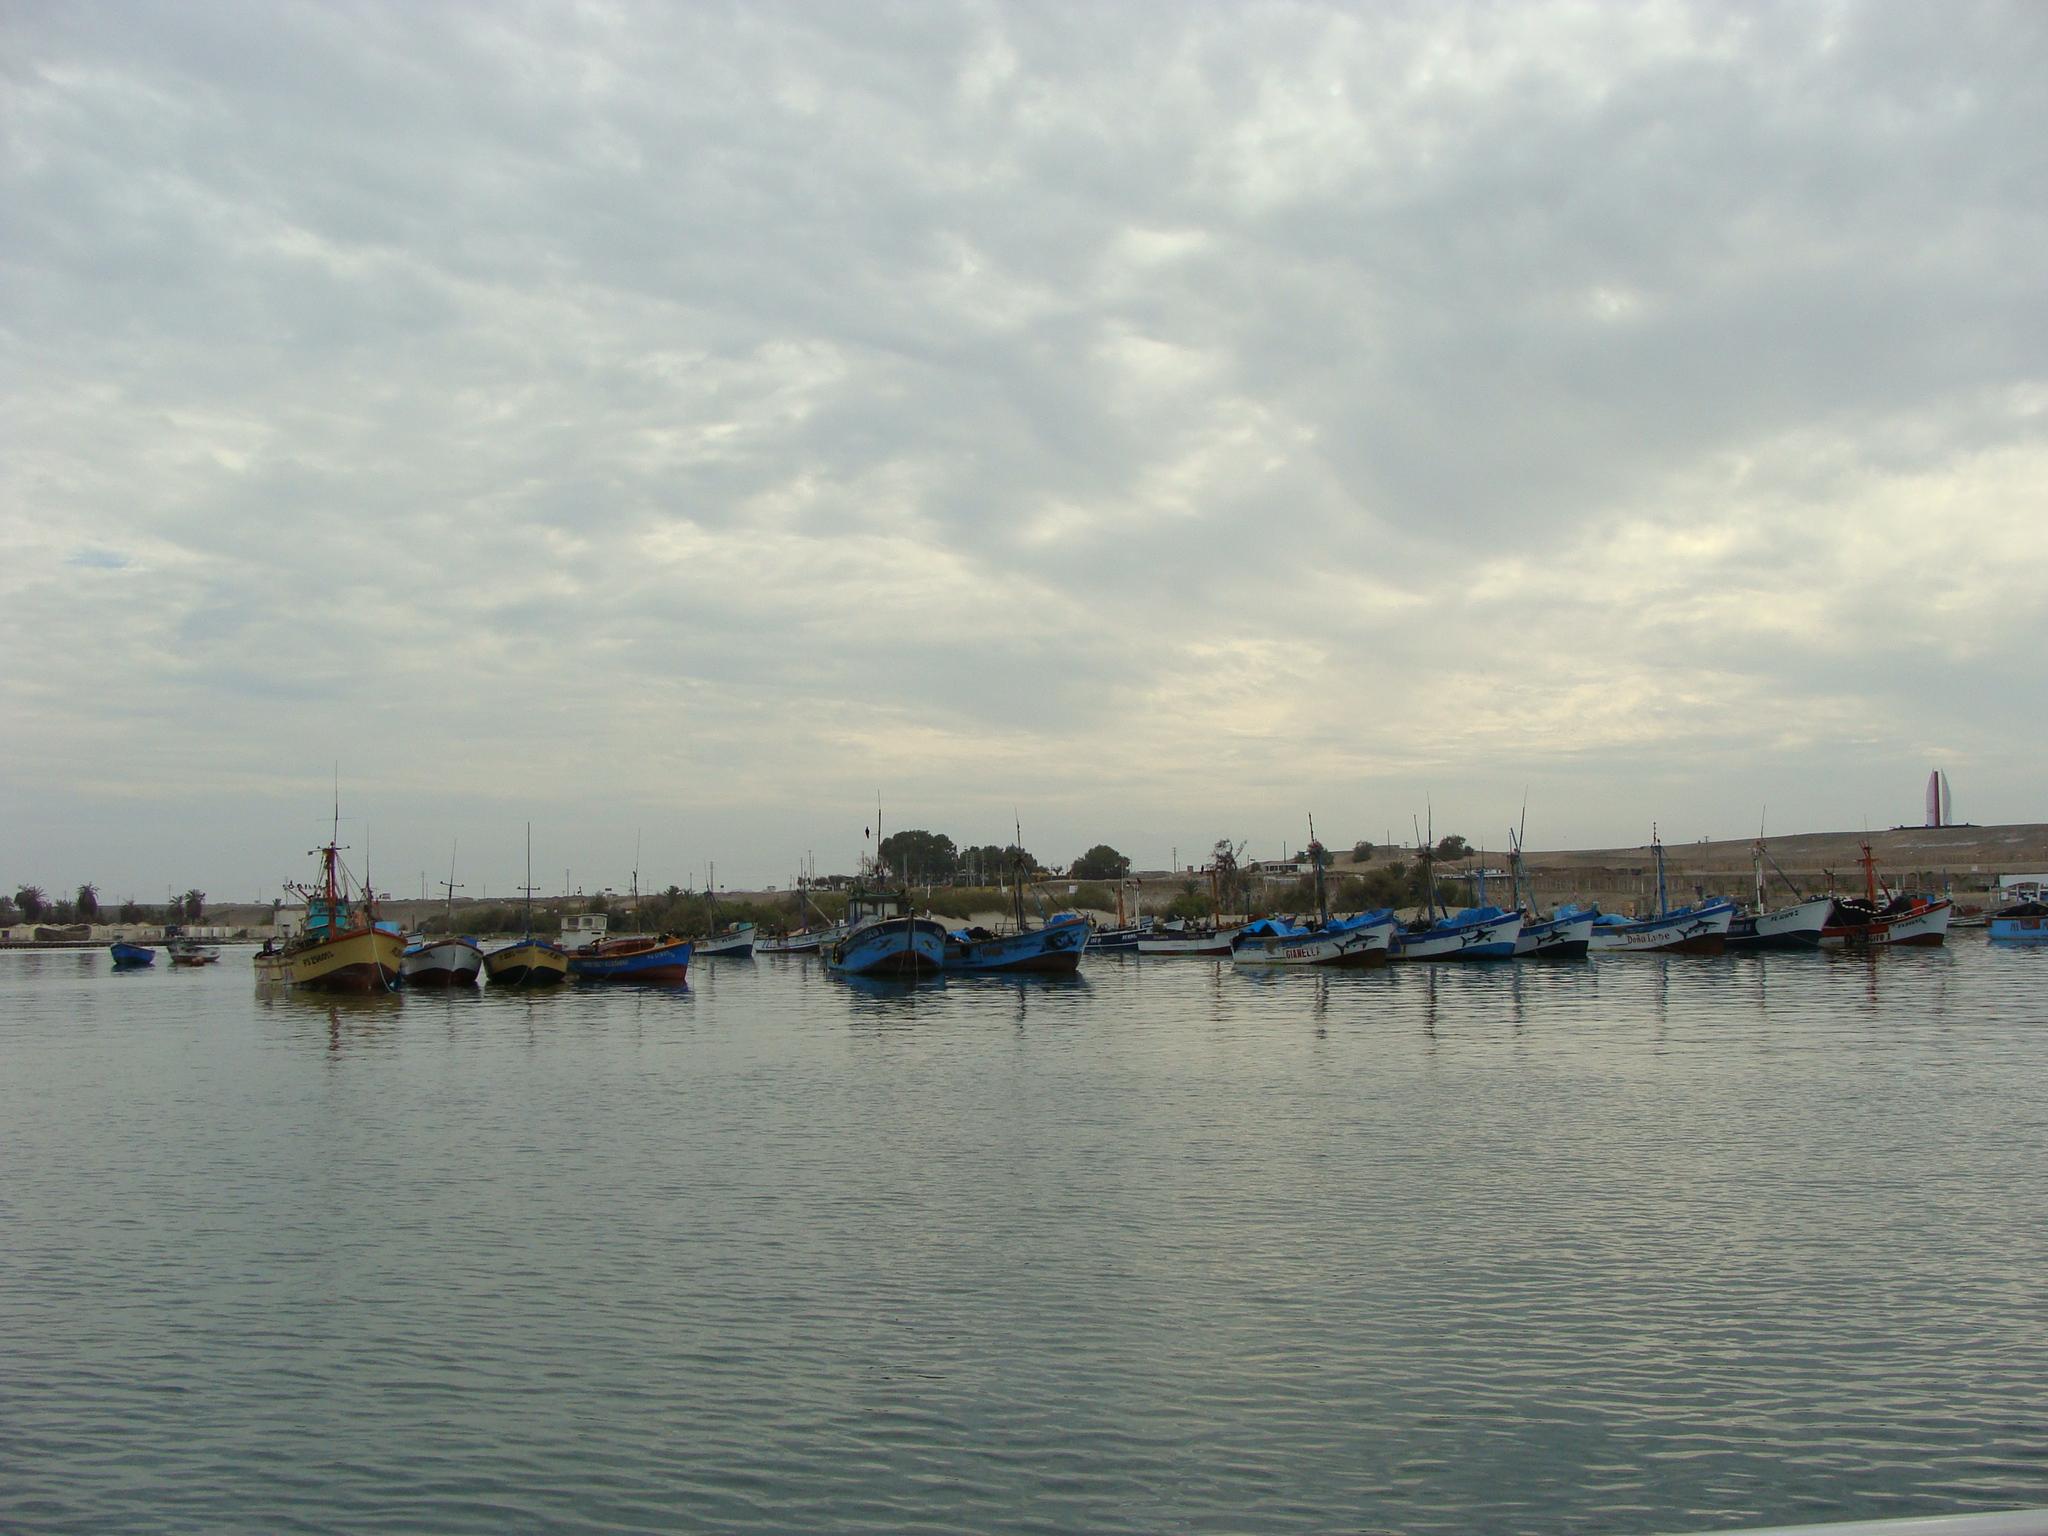 Paracas - přístav 22. 2. 2011 8:07